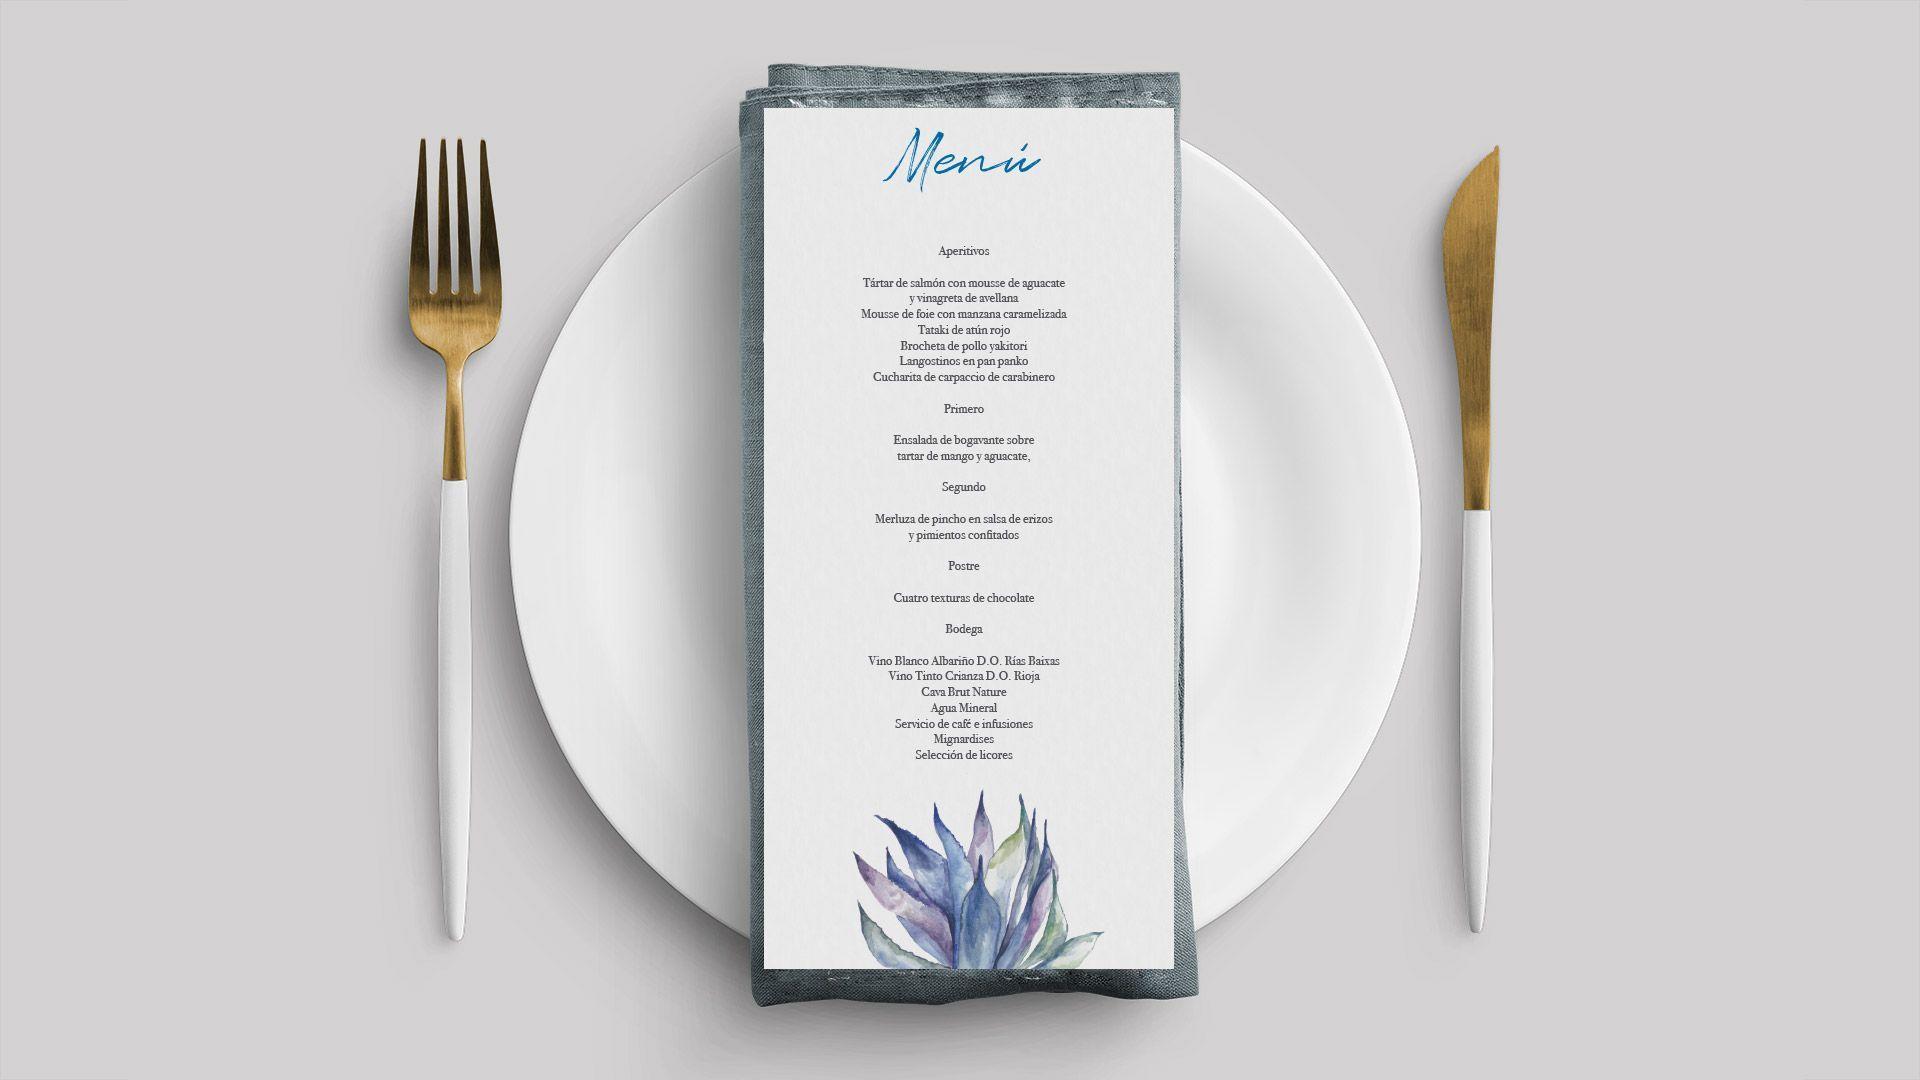 invitación boda cactus mexico minuta menú